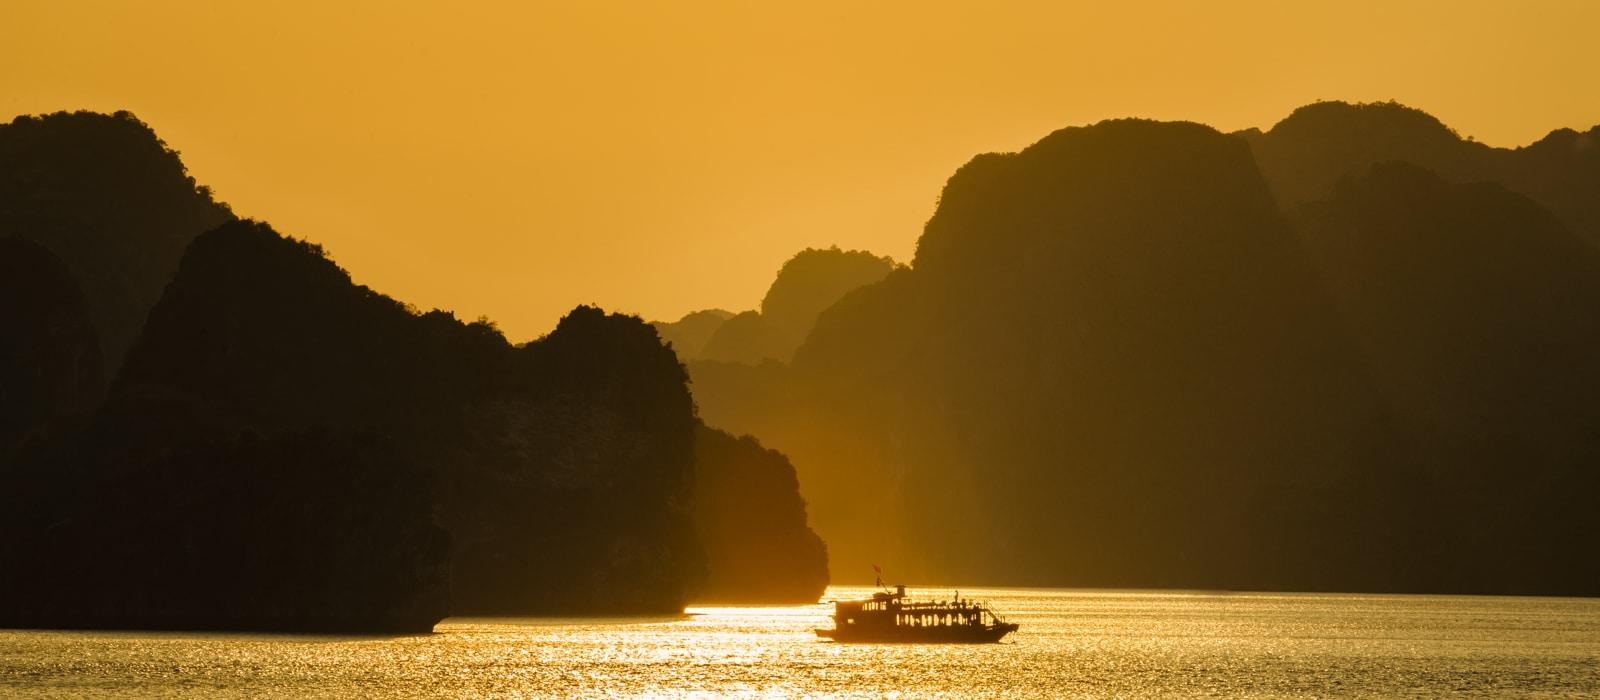 img-diapo-entete - Vietnam-1600x700-12.jpg